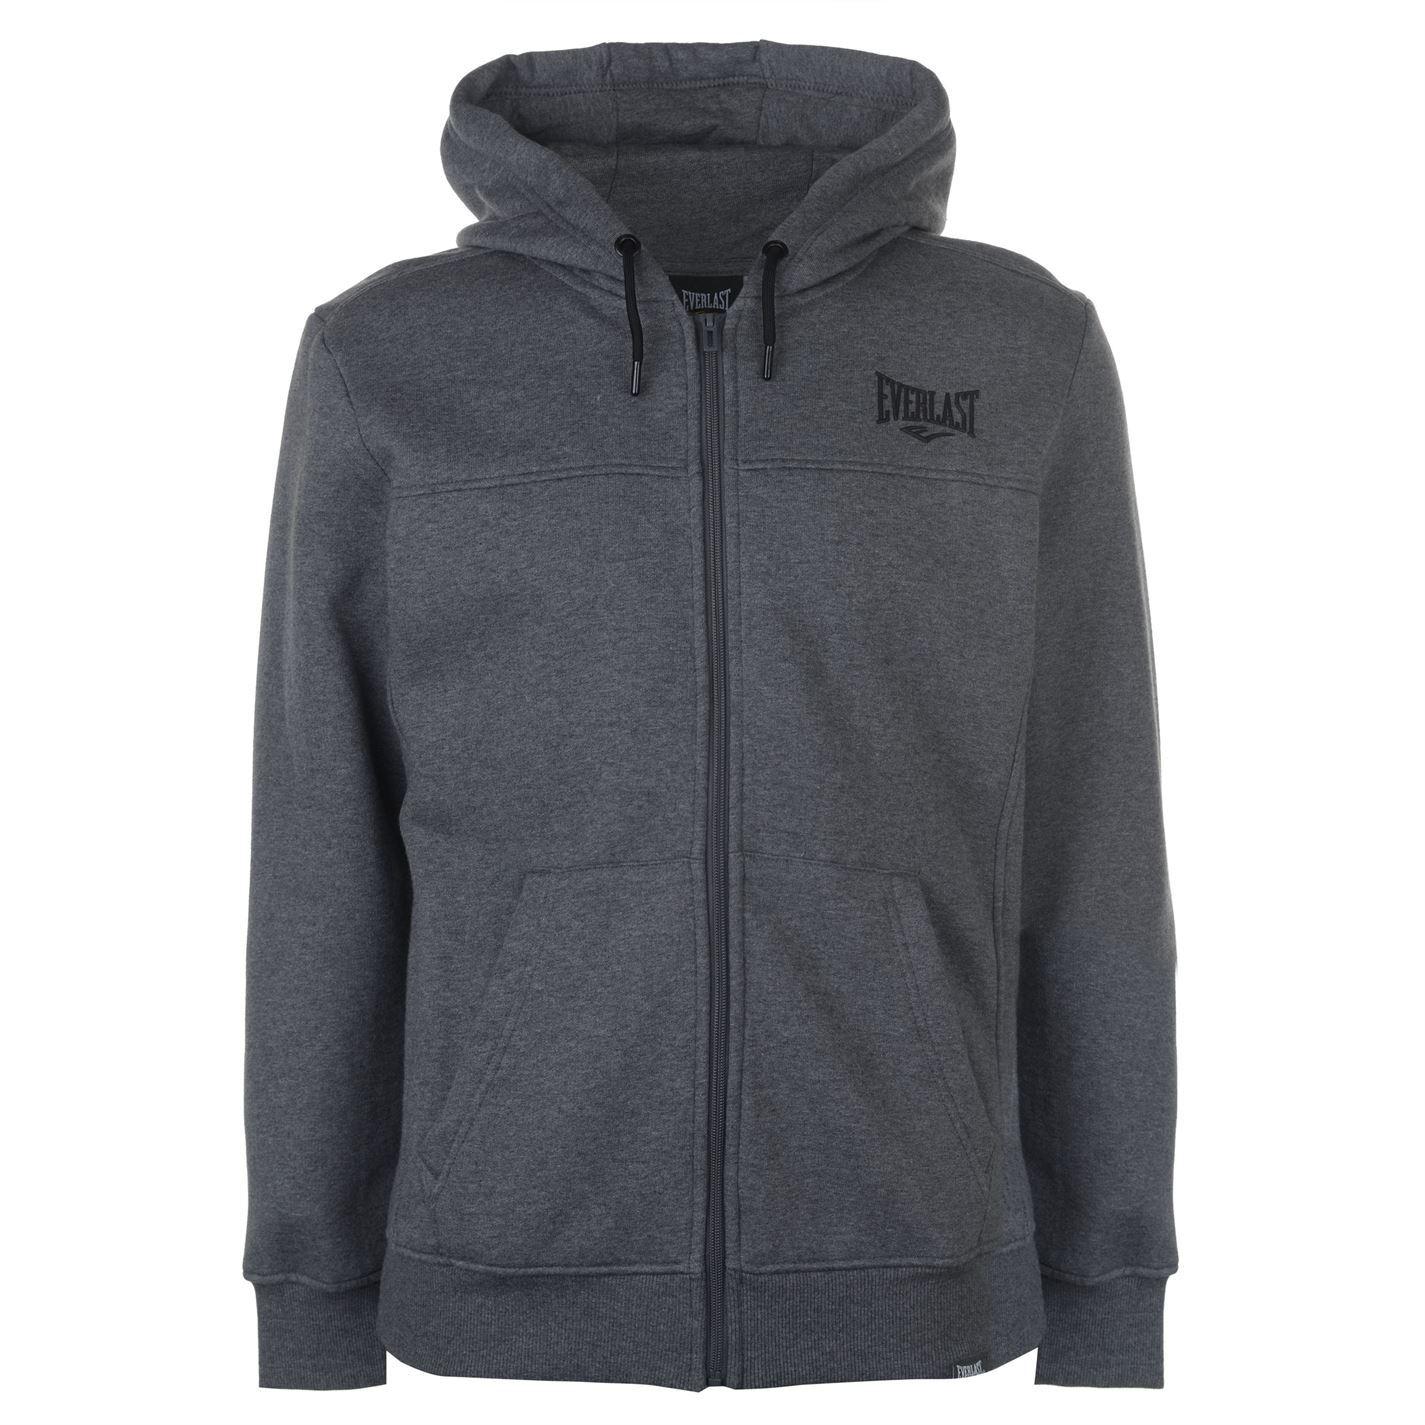 Everlast-Logo-Full-Zip-Hoody-Jacket-Mens-Hoodie-Sweatshirt-Sweater-Hooded-Top thumbnail 21